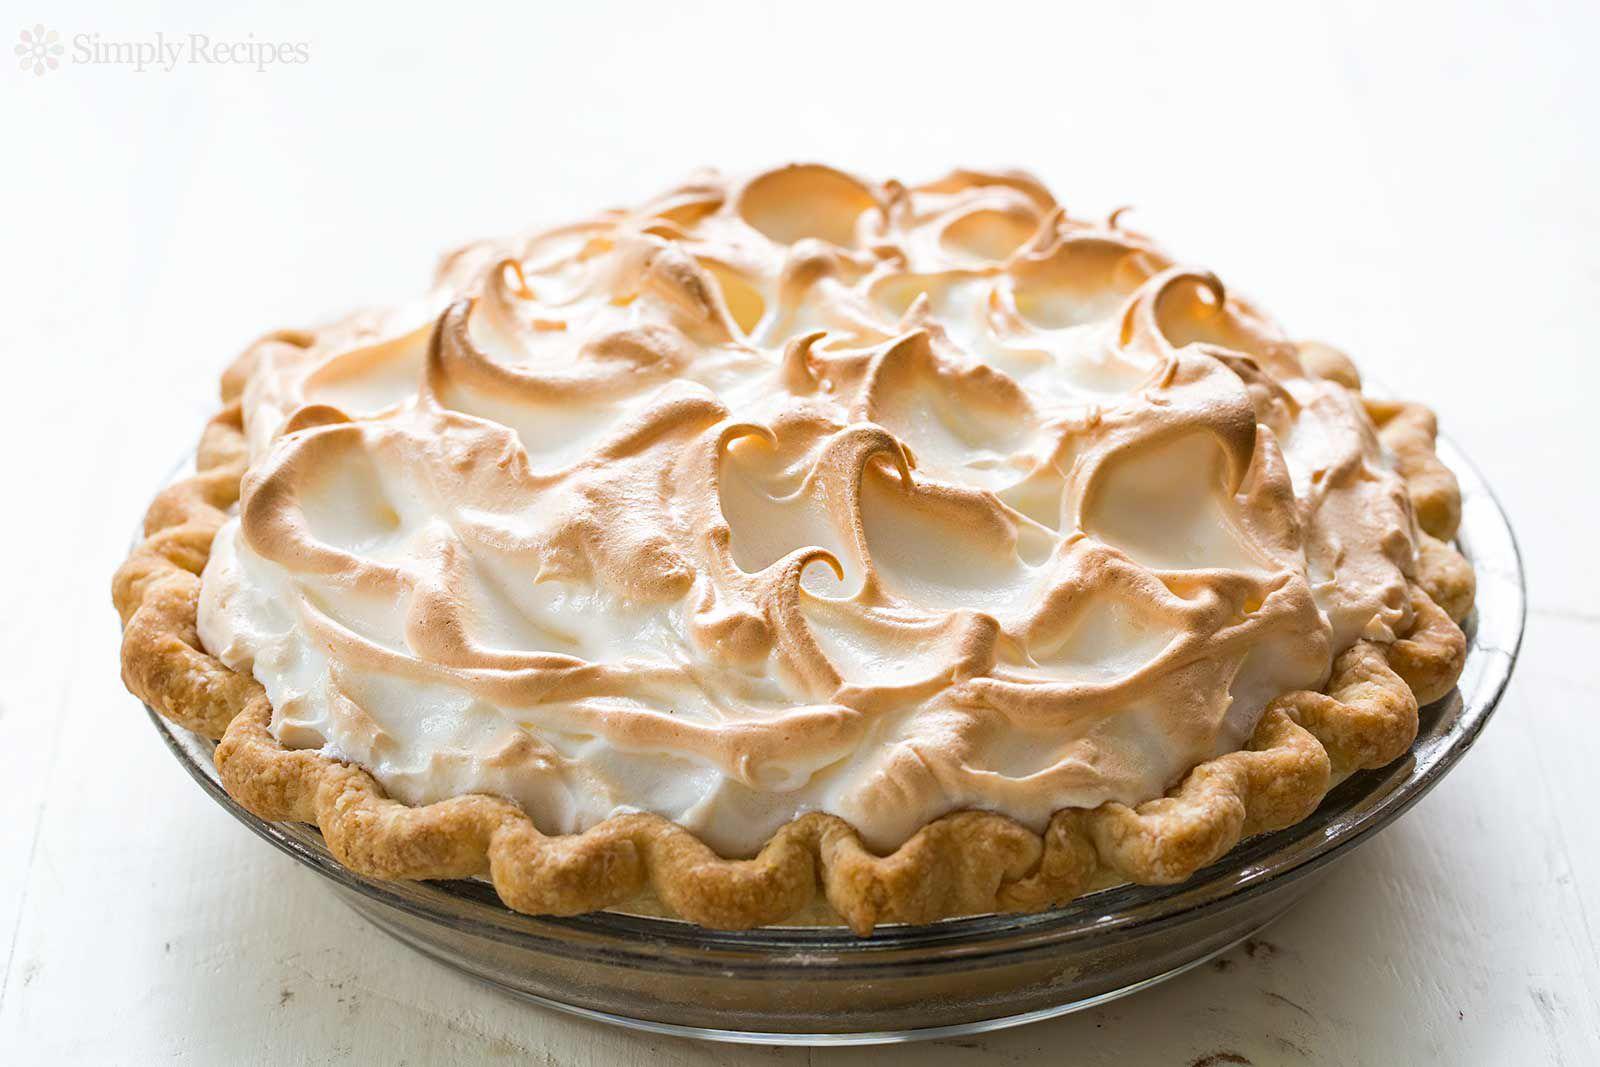 Lightly Browned Meringue on a Lemon Meringue Pie